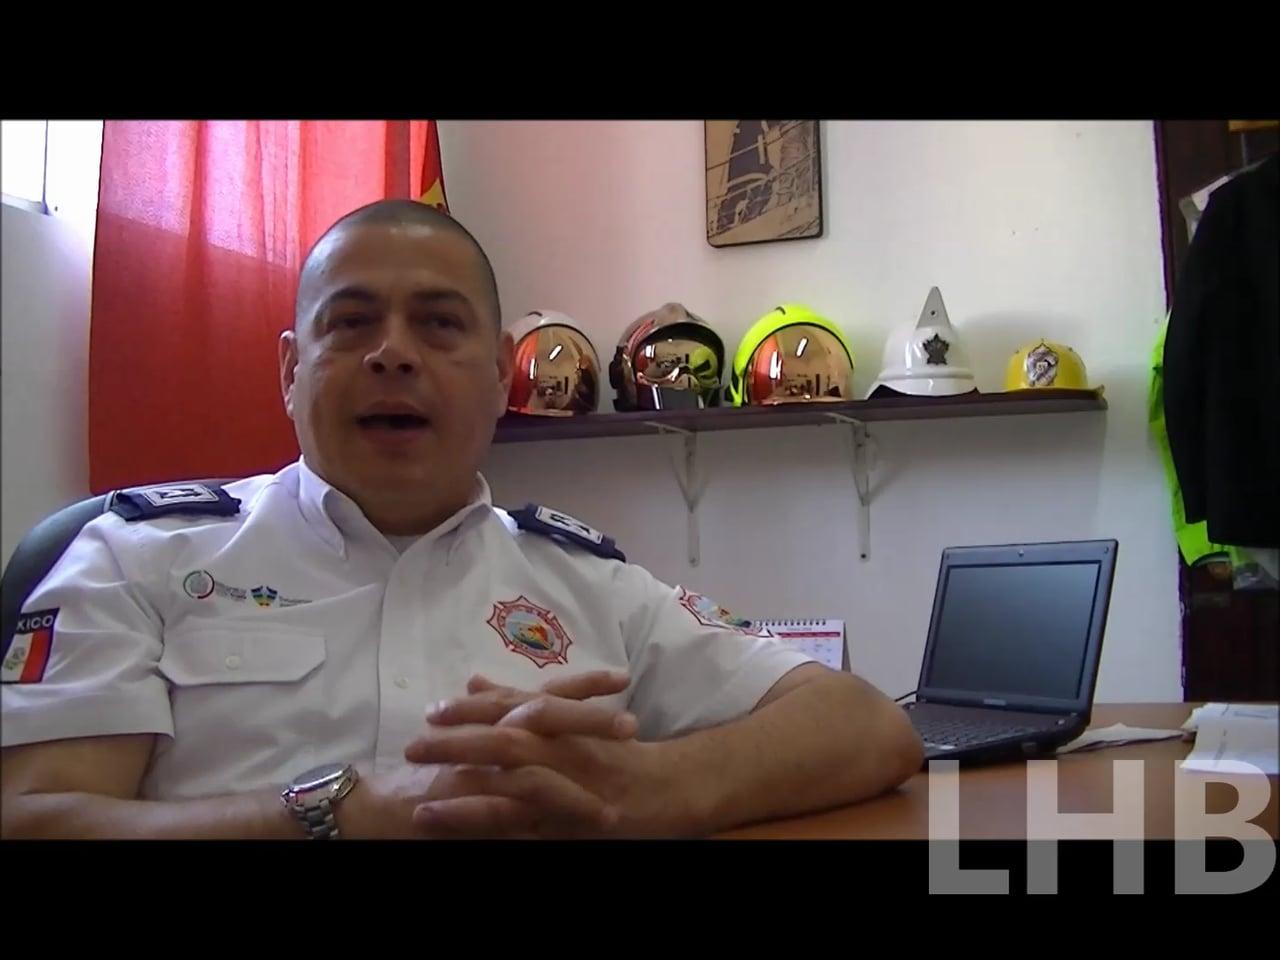 ENTREVISTA AL COMANDANTE ADOLFO ZUGASTI CUEVA, COMANDANTE DEL BENEMÉRITO Y HEROICO CUERPO DE BOMBEROS DE VERACRUZ - VERACRUZ EN MÉXICO / Vídeo Destacado de La Hermandad de Bomberos